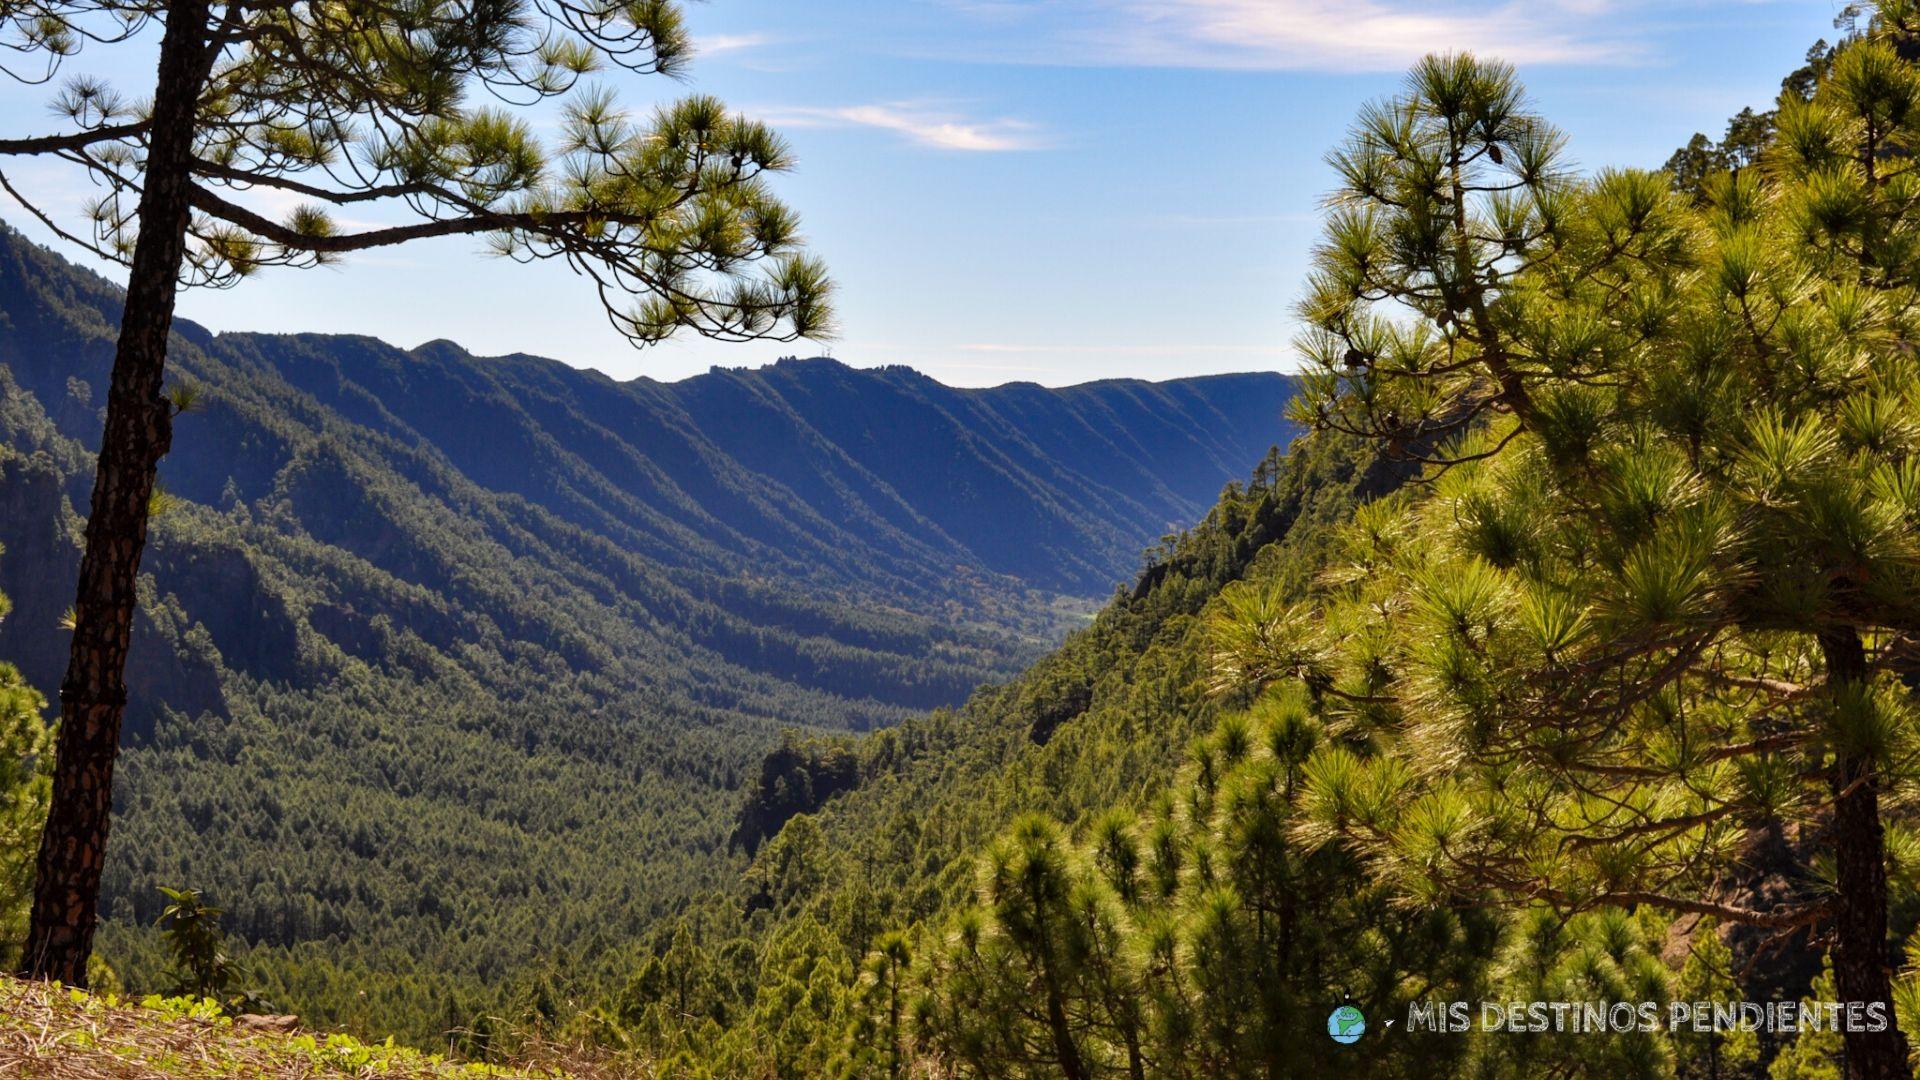 Parque Nacional de la Caldera de Taburiente (La Palma, España)